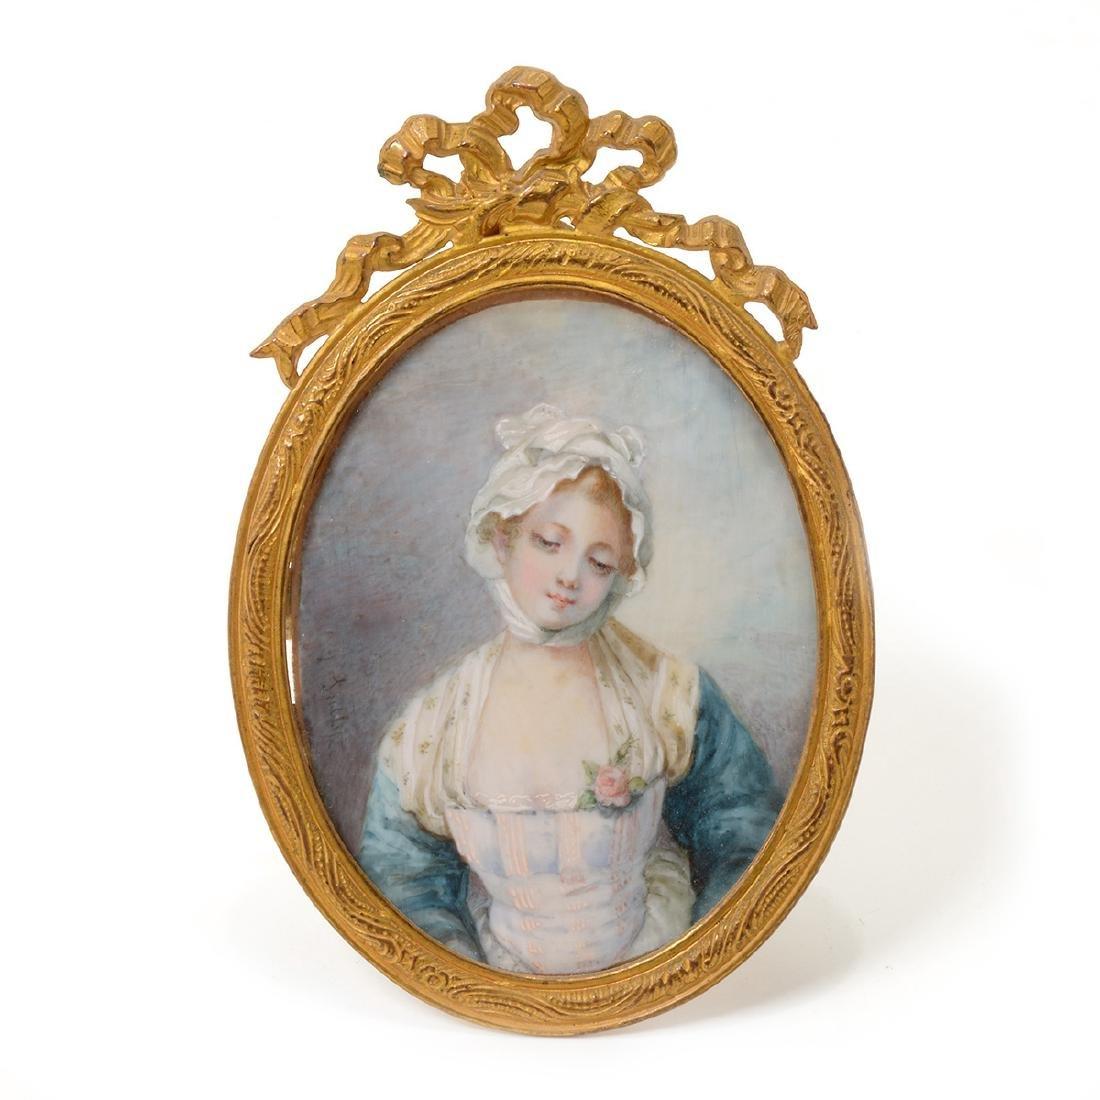 Six Brass Framed Miniature Portraits of Women - 4